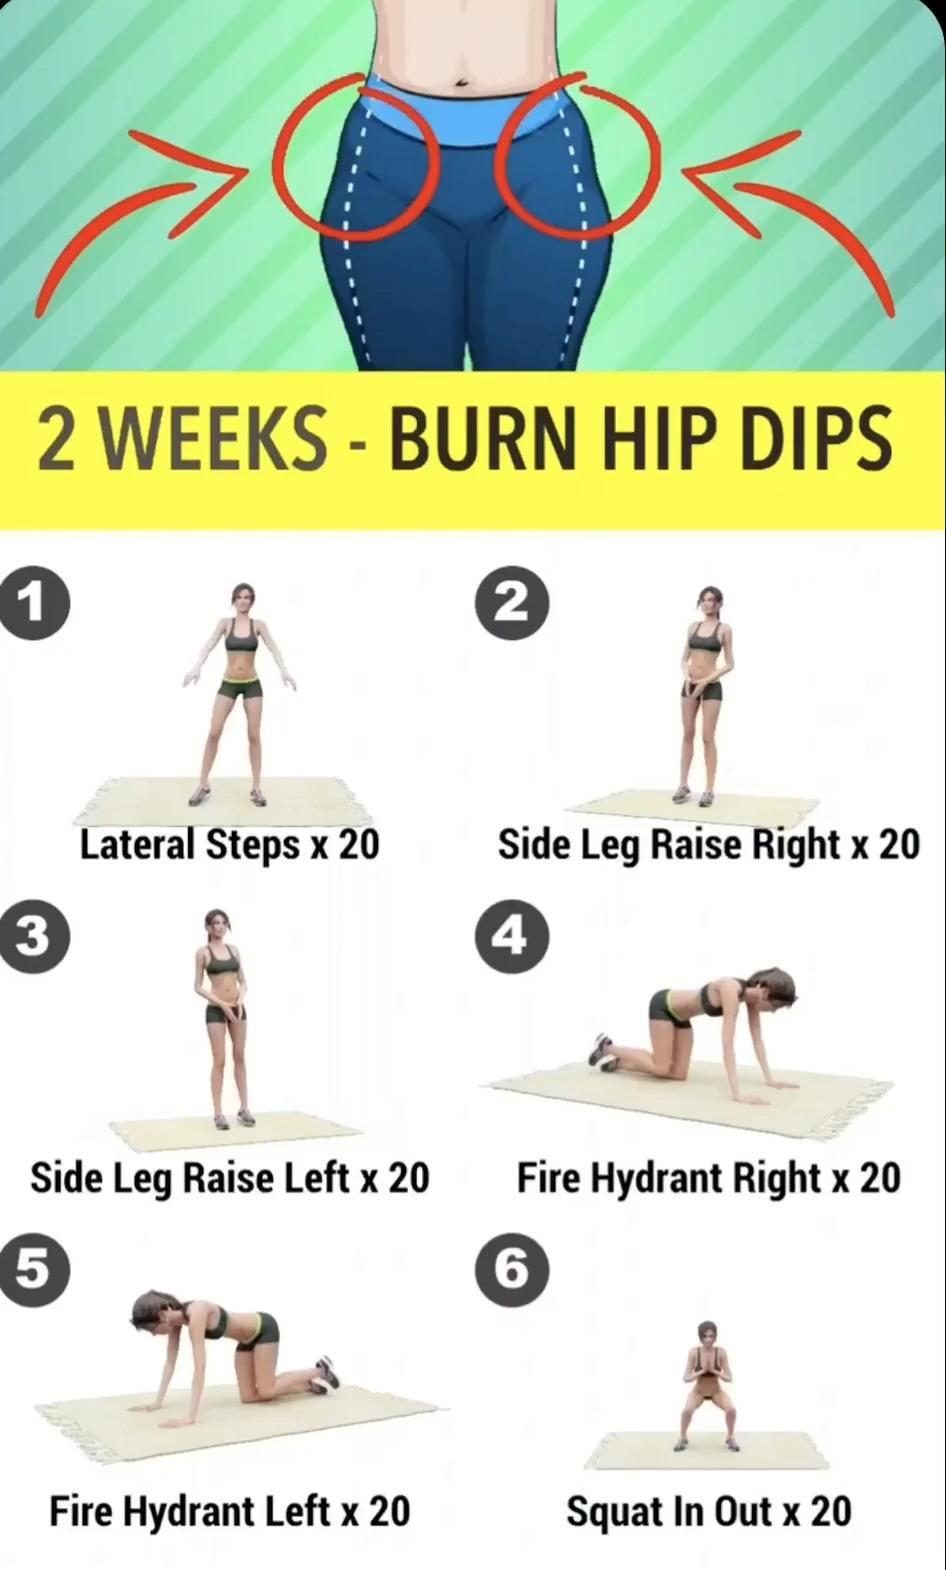 Hip dips